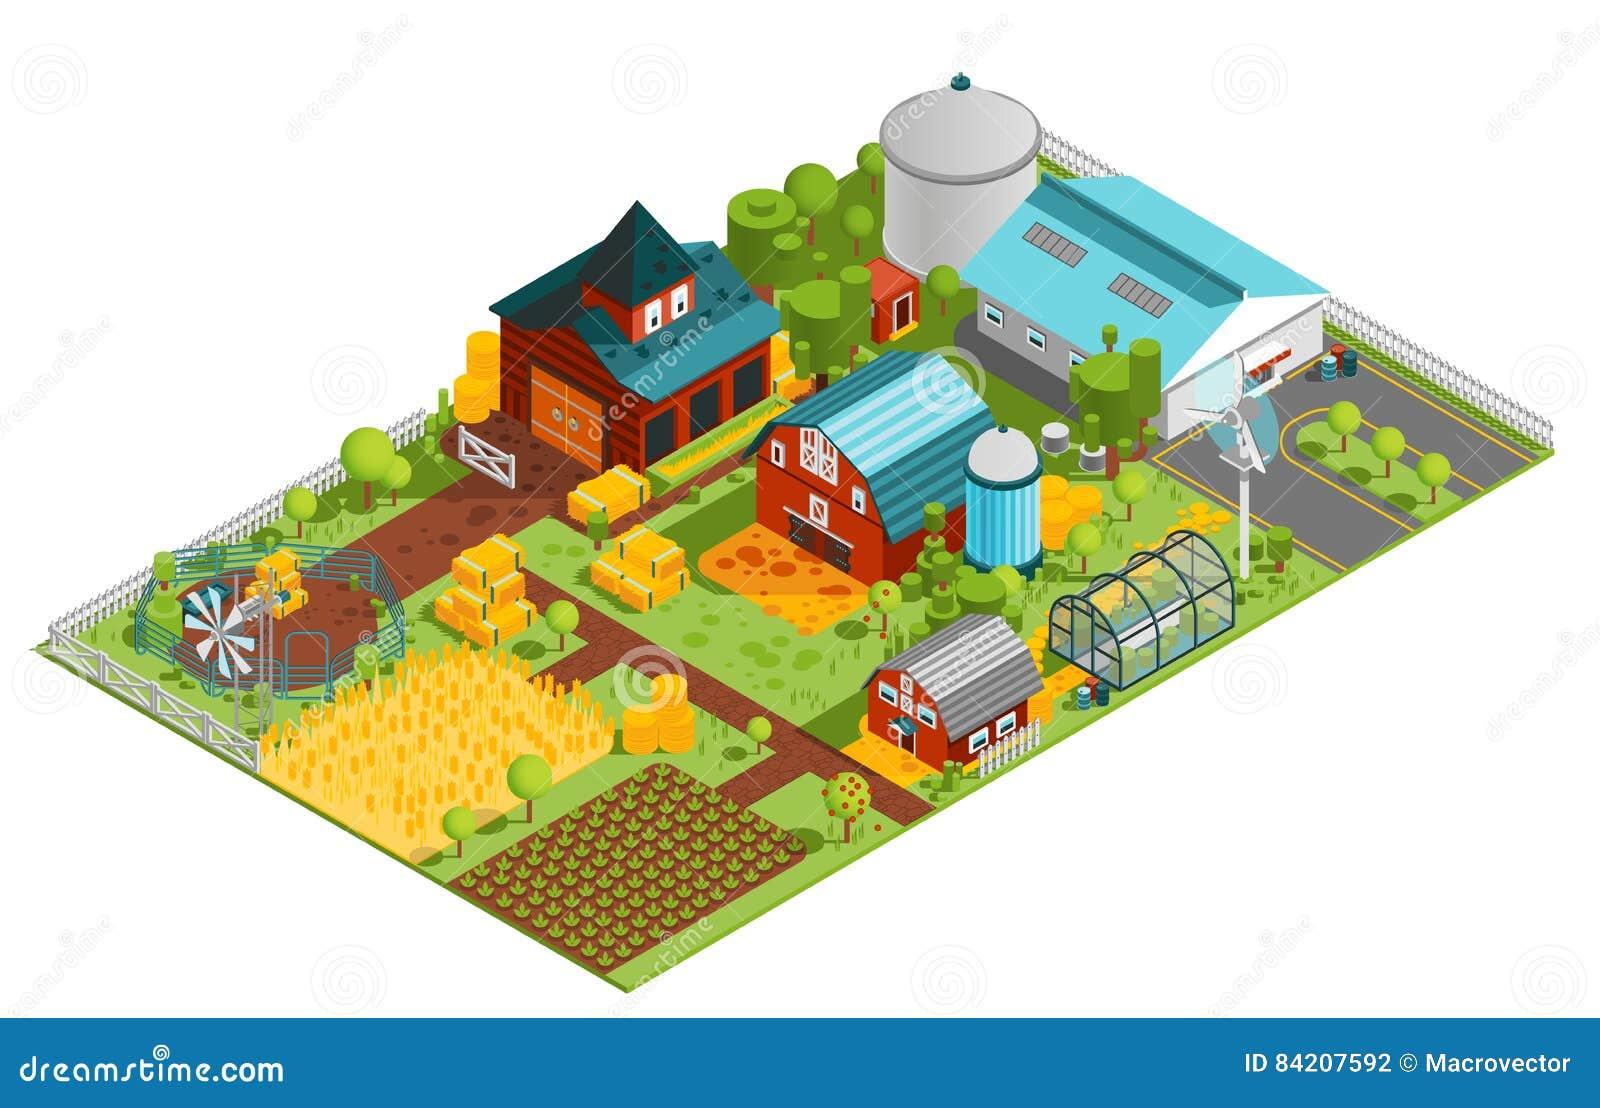 Composizione isometrica nell azienda agricola rurale